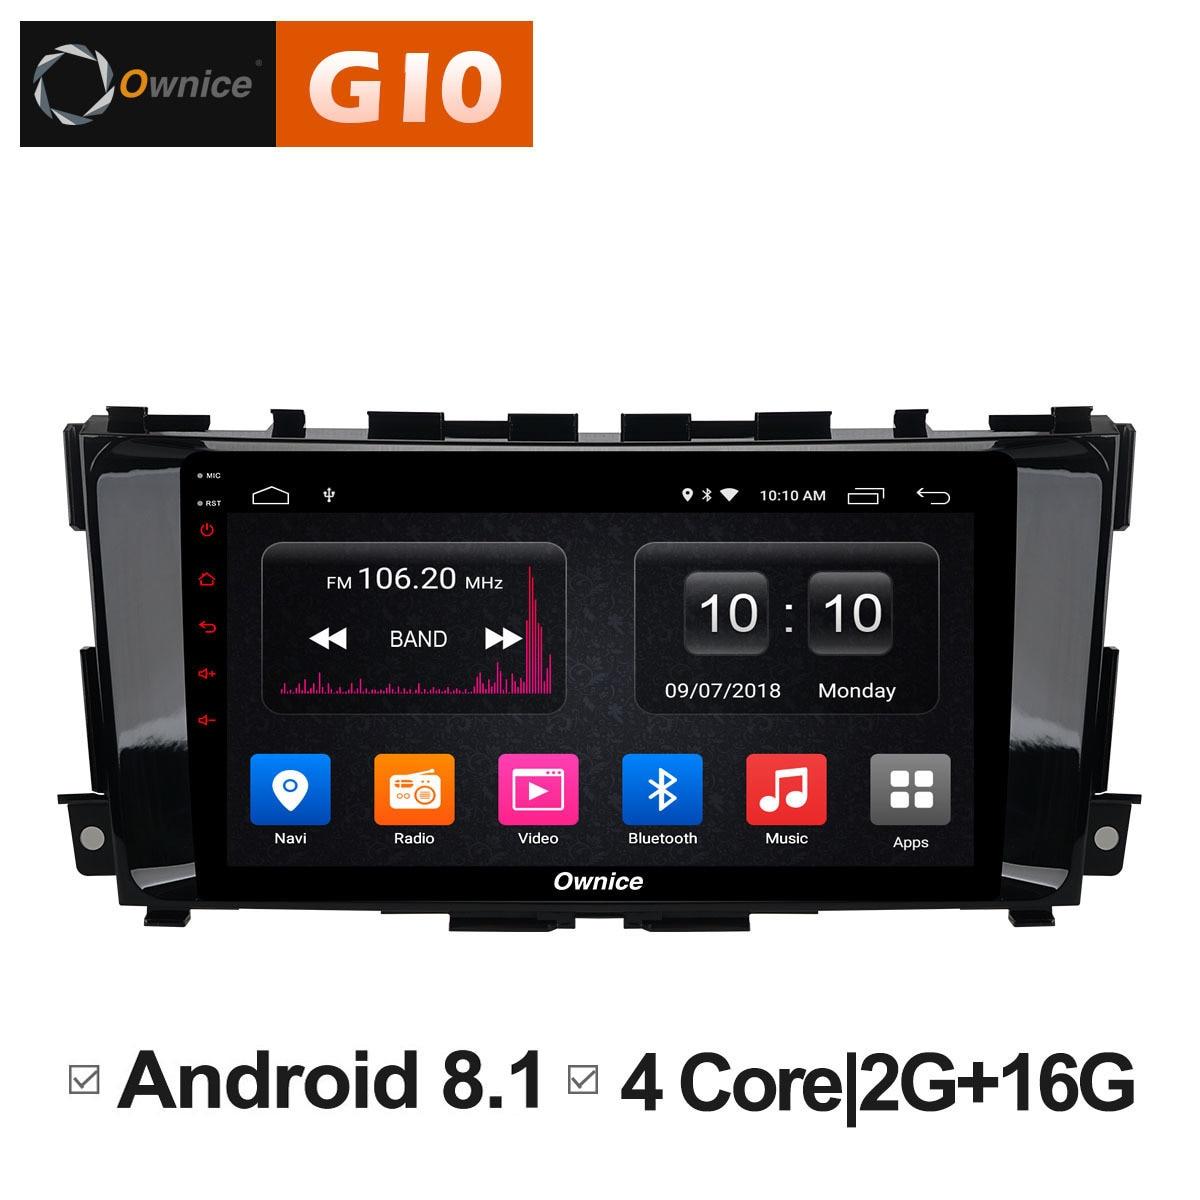 Android 8.1 unité voiture 1 2 din radio GPS navigateur DVD Multimeida lecteur pour nissan teana altima 2013 2014 2015 2016 Carplay DAB